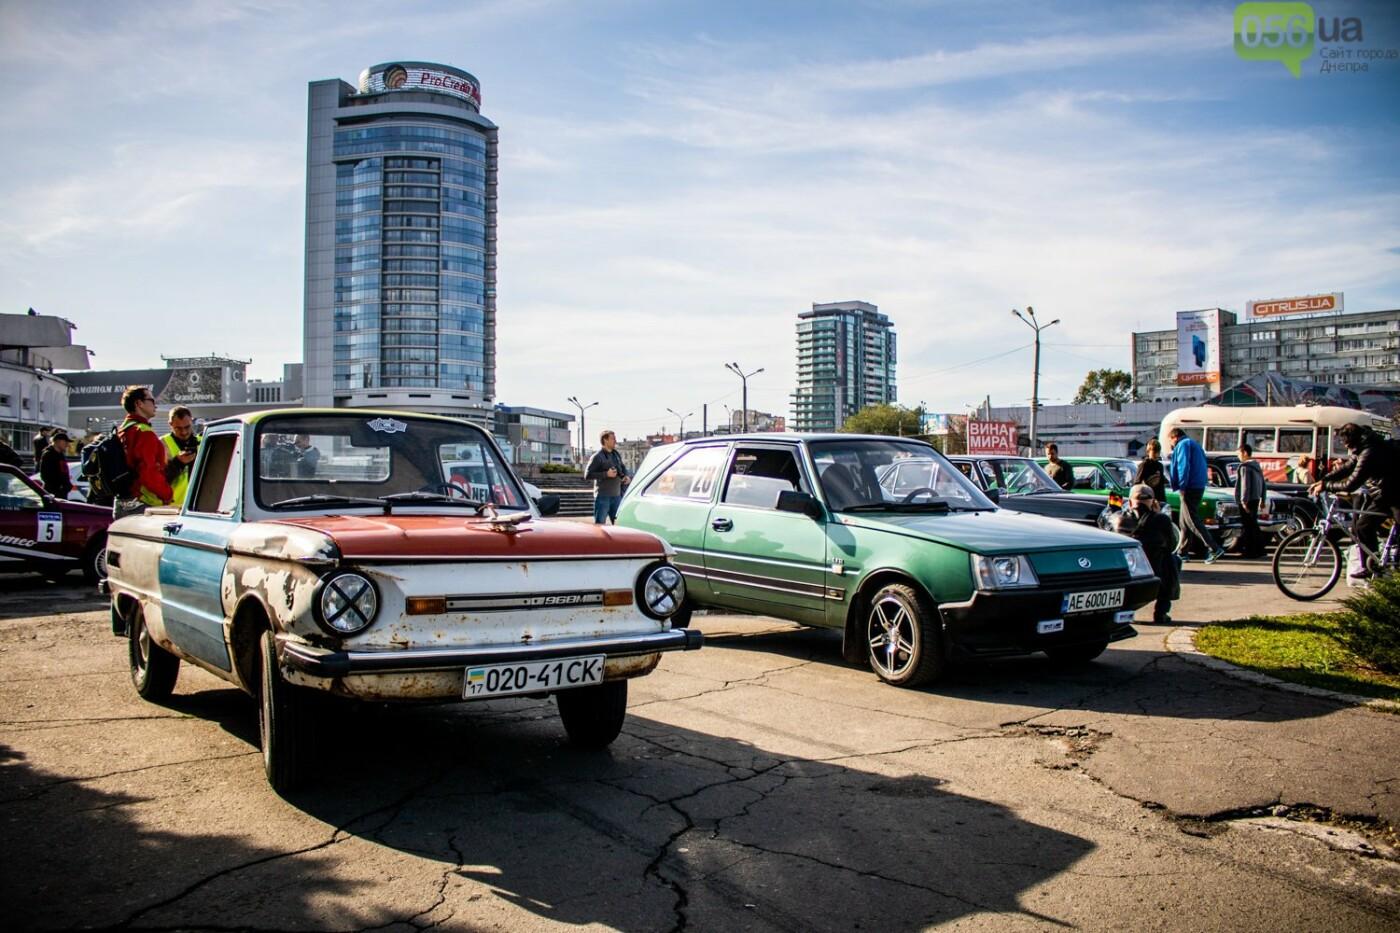 «Реставрация – это недешевое хобби»: как в Днепре проходит встреча владельцев ретро-автомобилей, - ФОТОРЕПОРТАЖ, фото-3